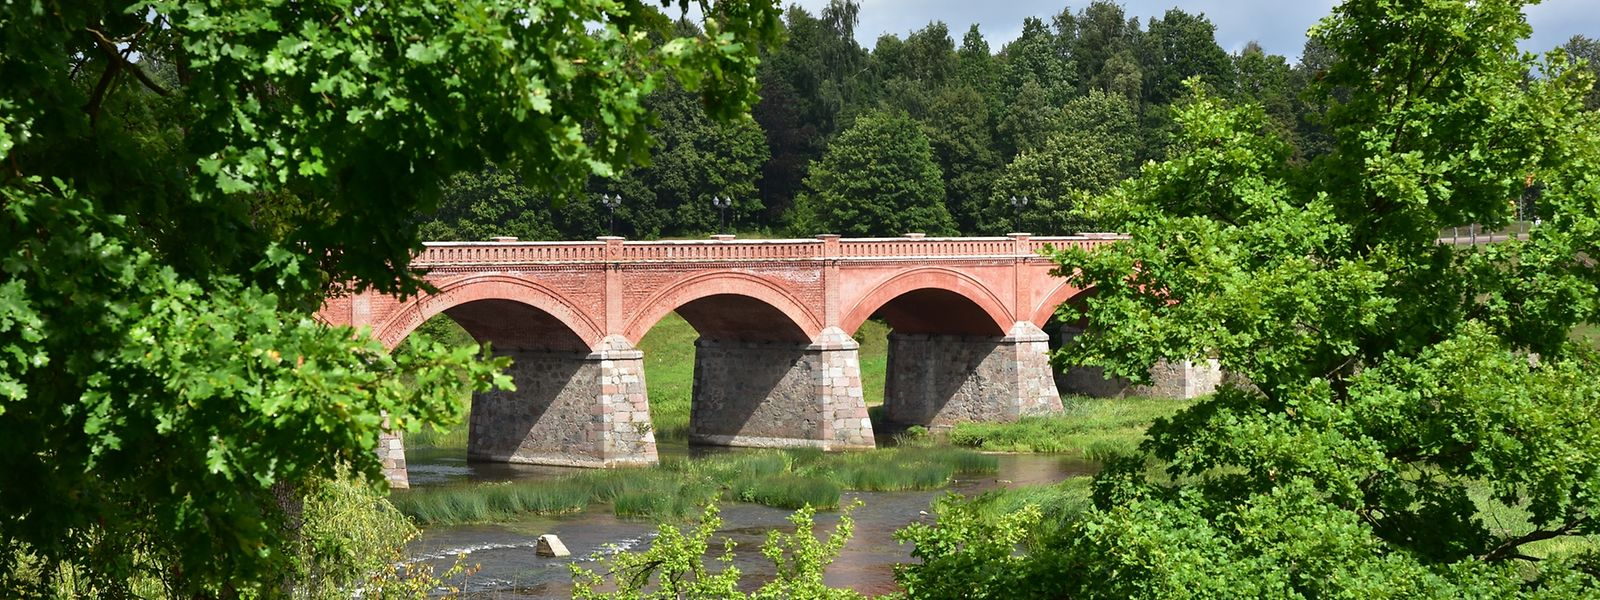 Die massive Steinbrücke über die Venta stammt aus dem 19. Jahrhundert.